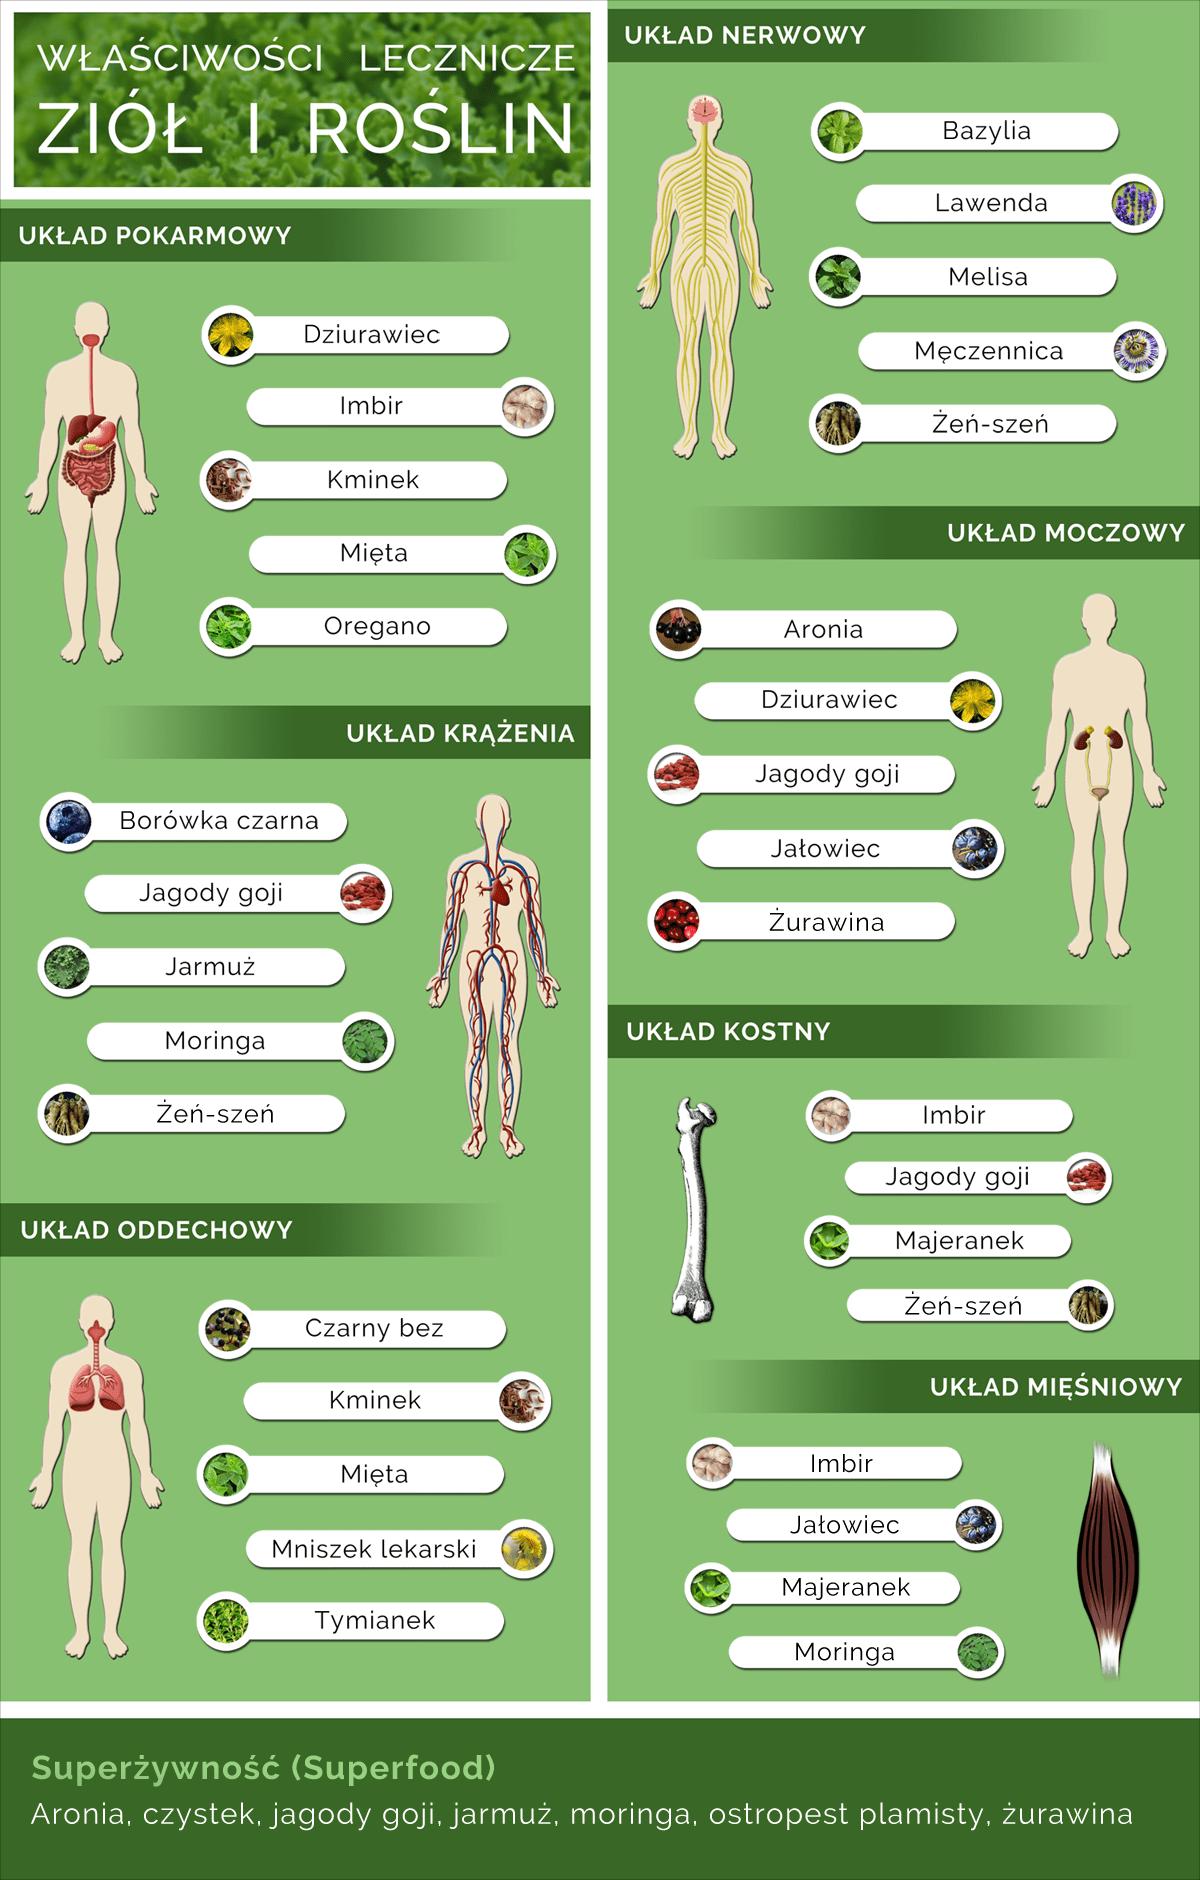 Właściwości lecznicze ziół infografika